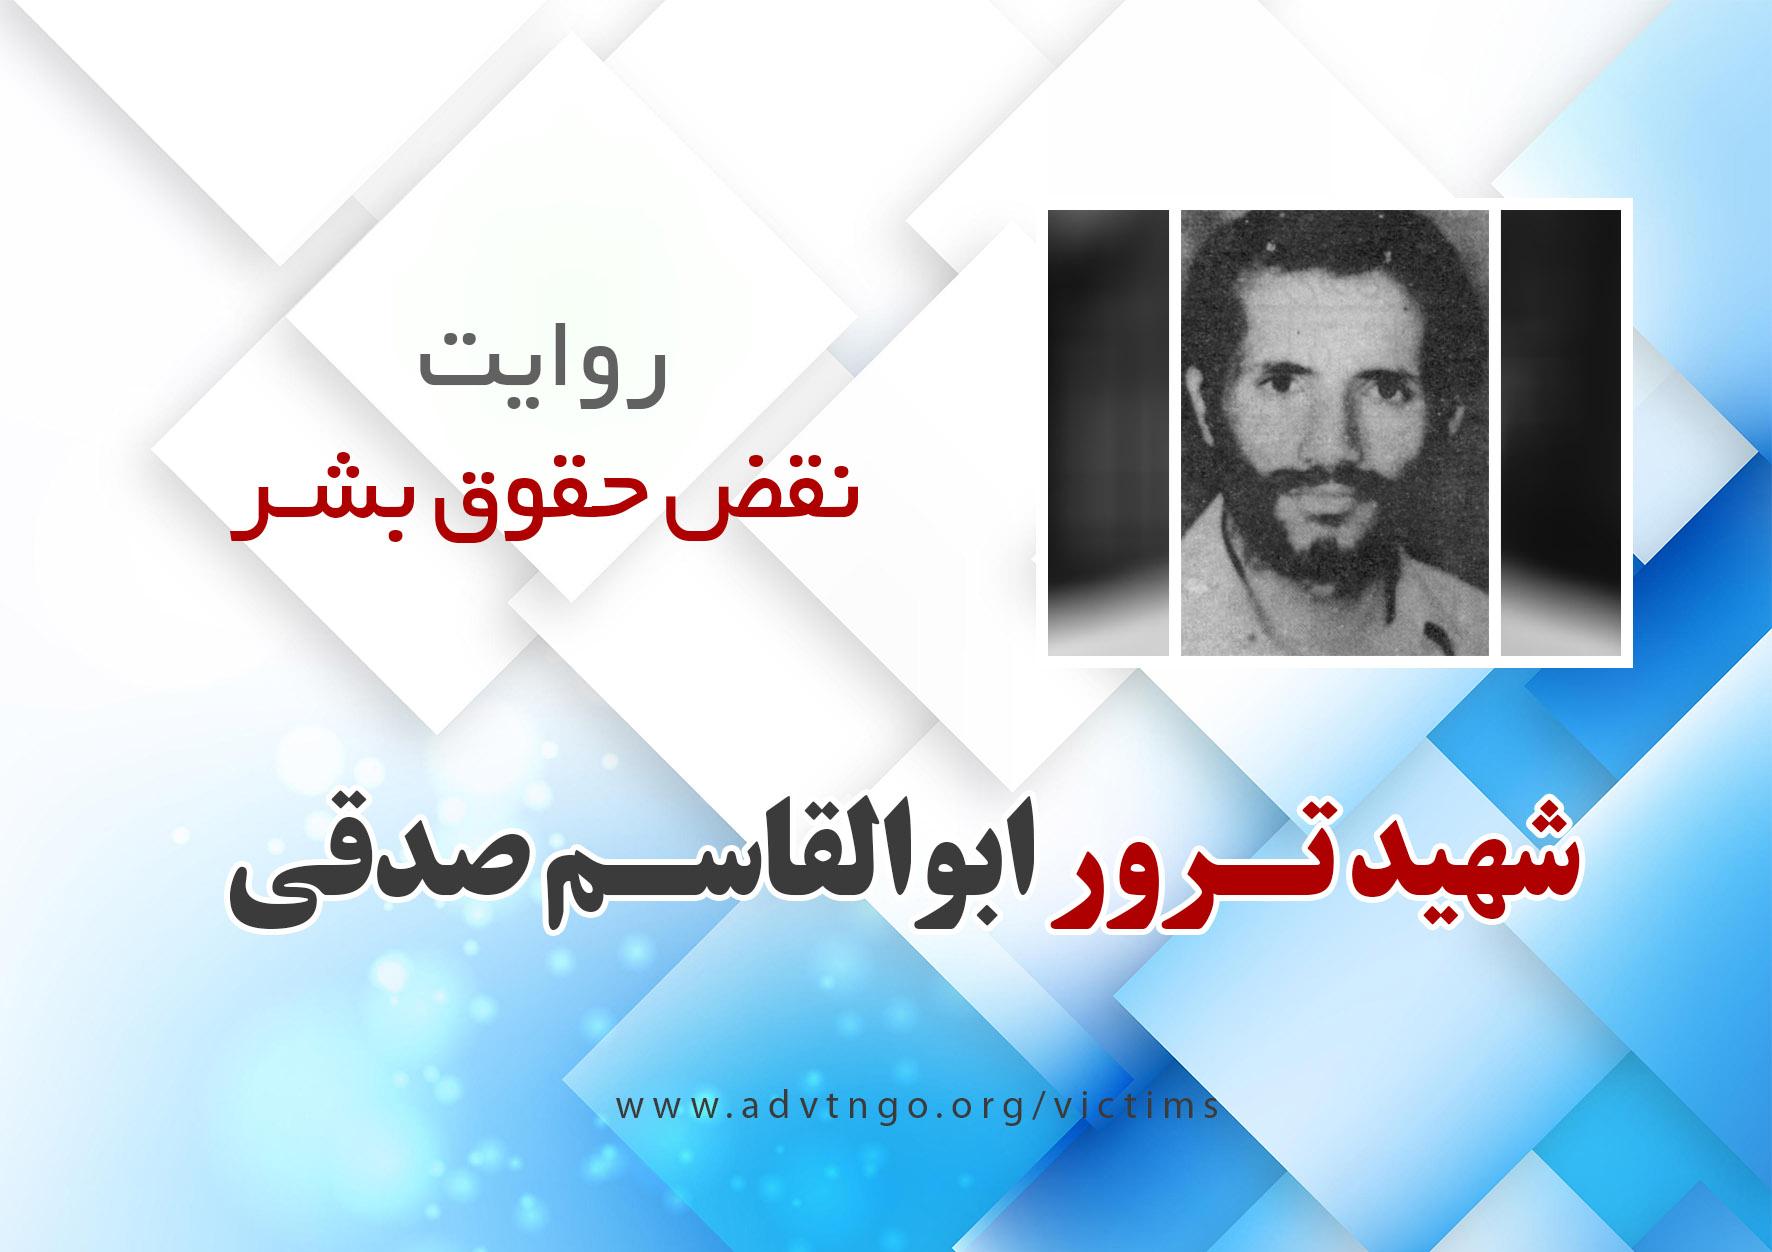 روایت نقض حقوق بشر؛ شهید ابوالقاسم صدقی